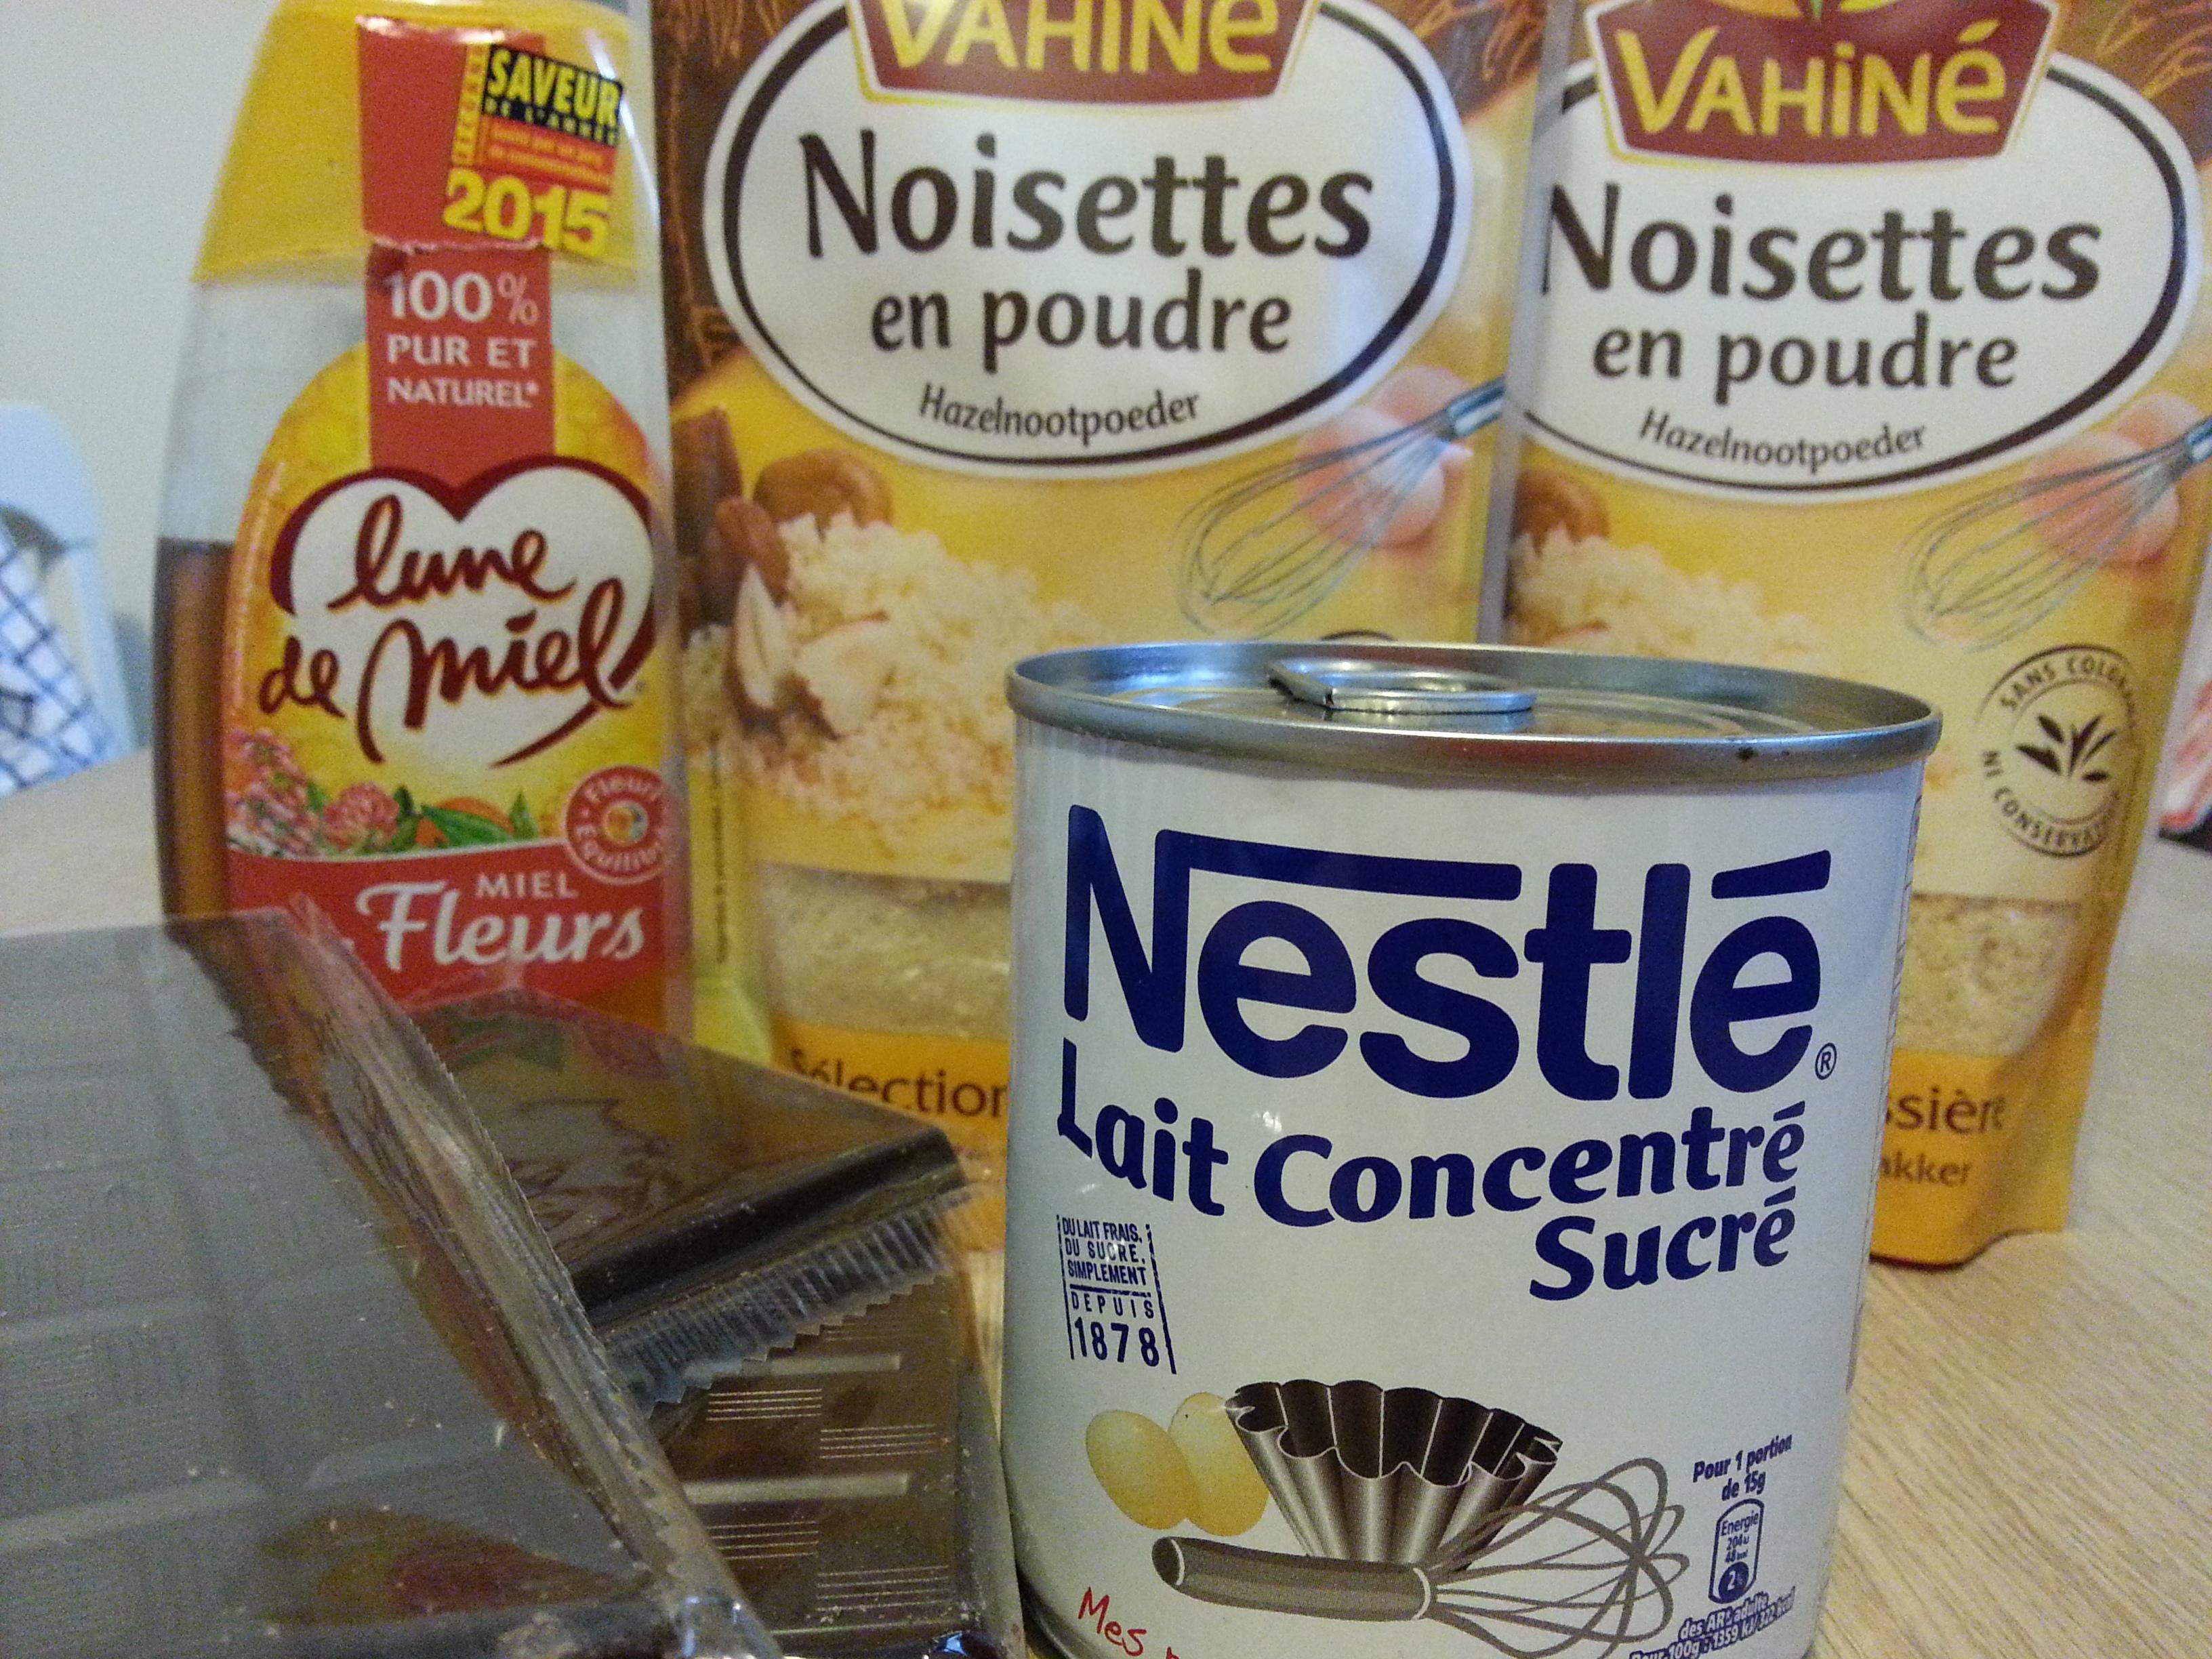 Nutella maison fr eng a propos de rien - Nutella maison lait concentre ...